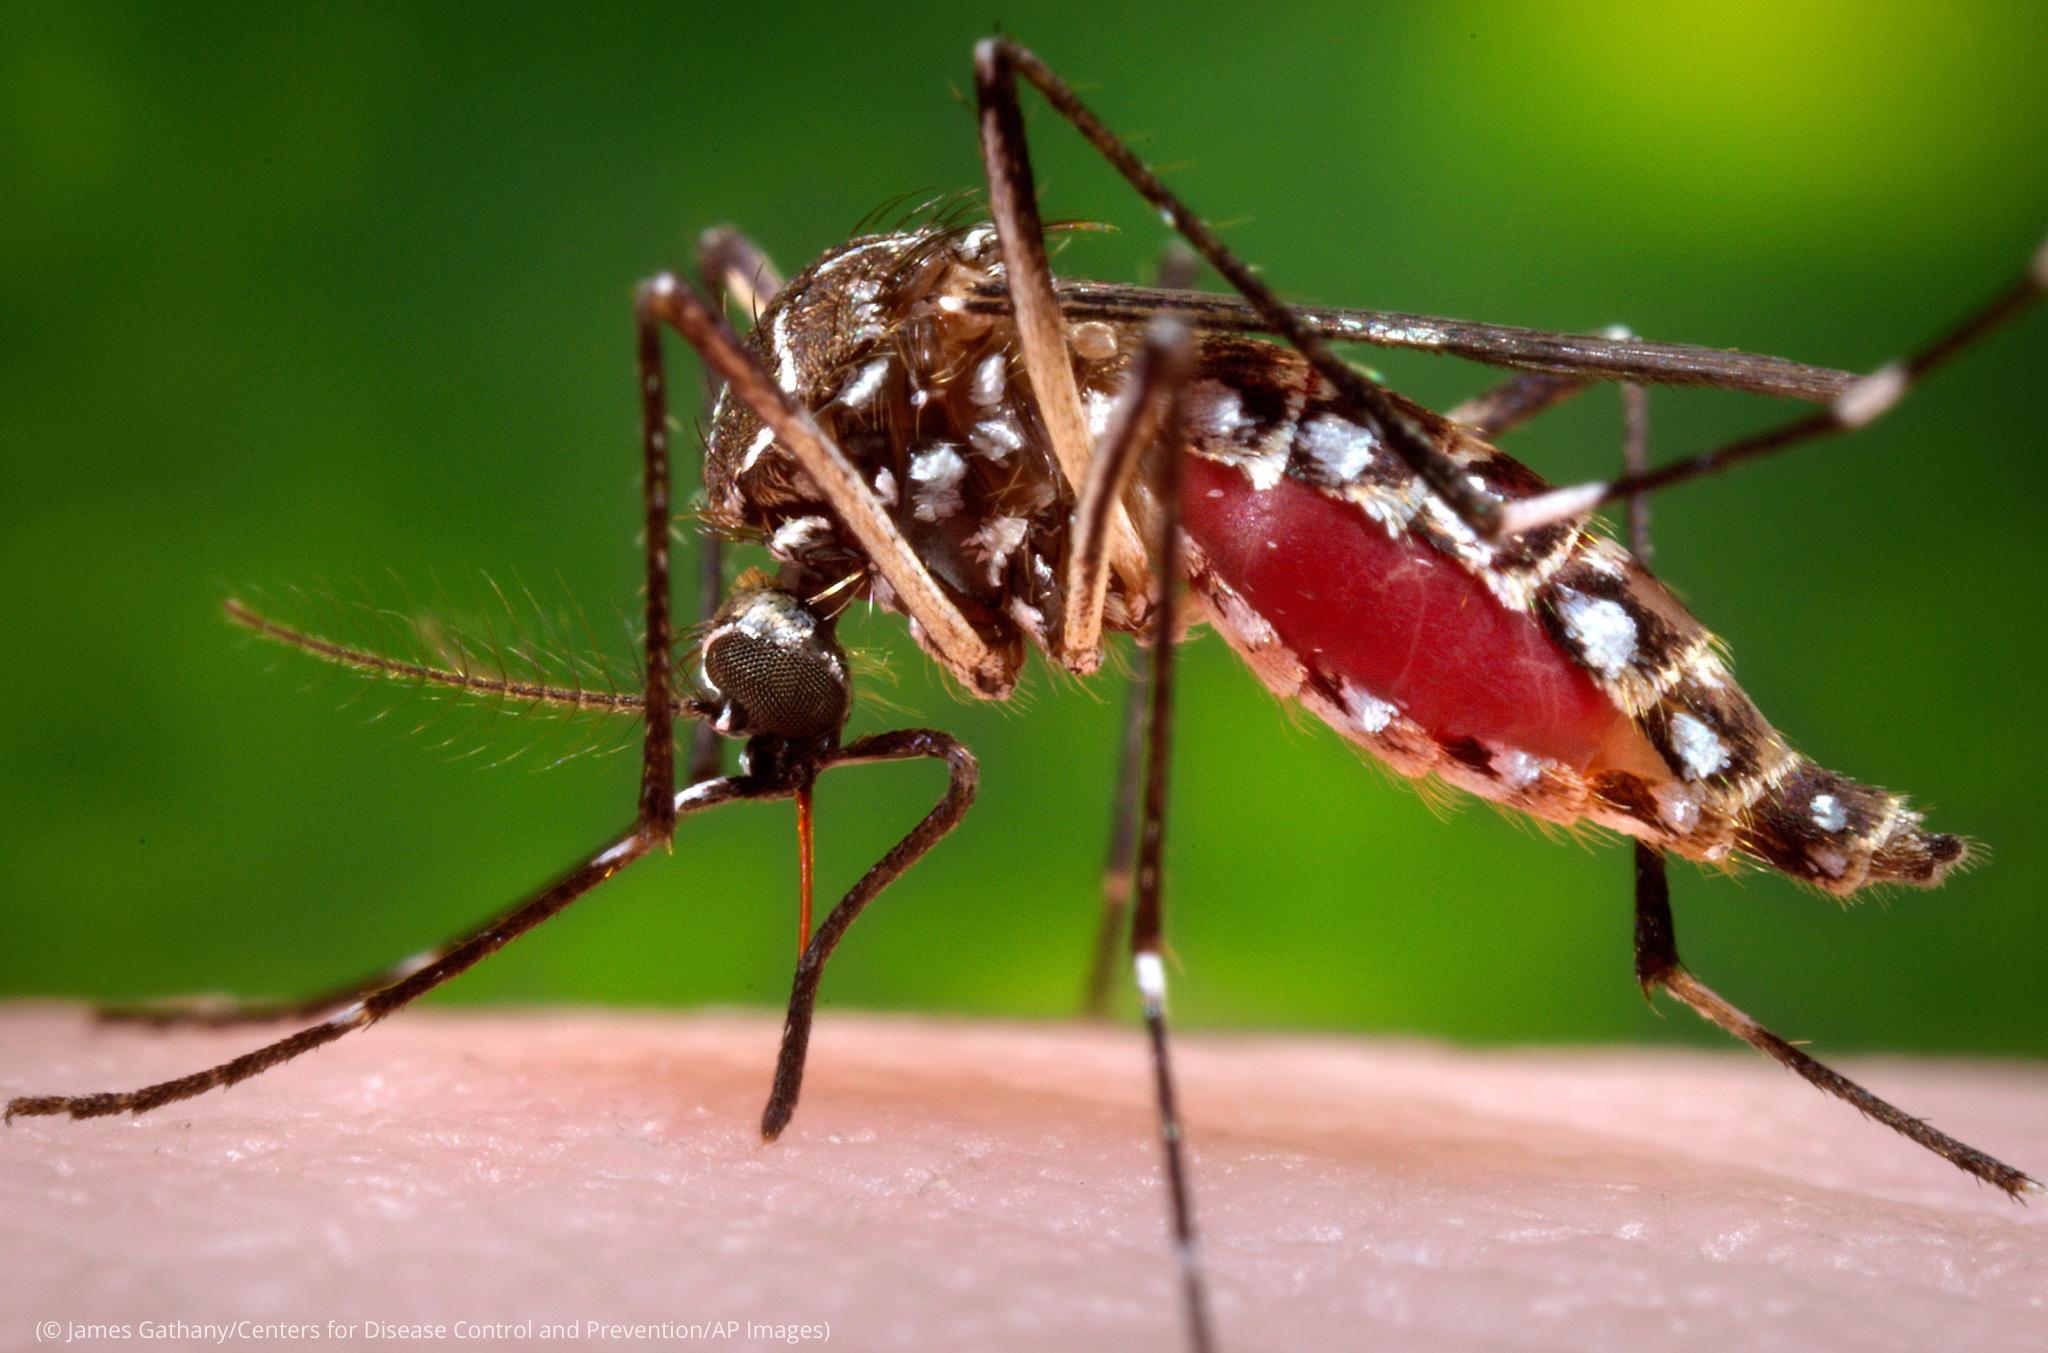 انسانی خون پیتے ہوئے مچھر کی قریب سے لی گئی تصویر۔ (© James Gathany/CDC/AP Images)